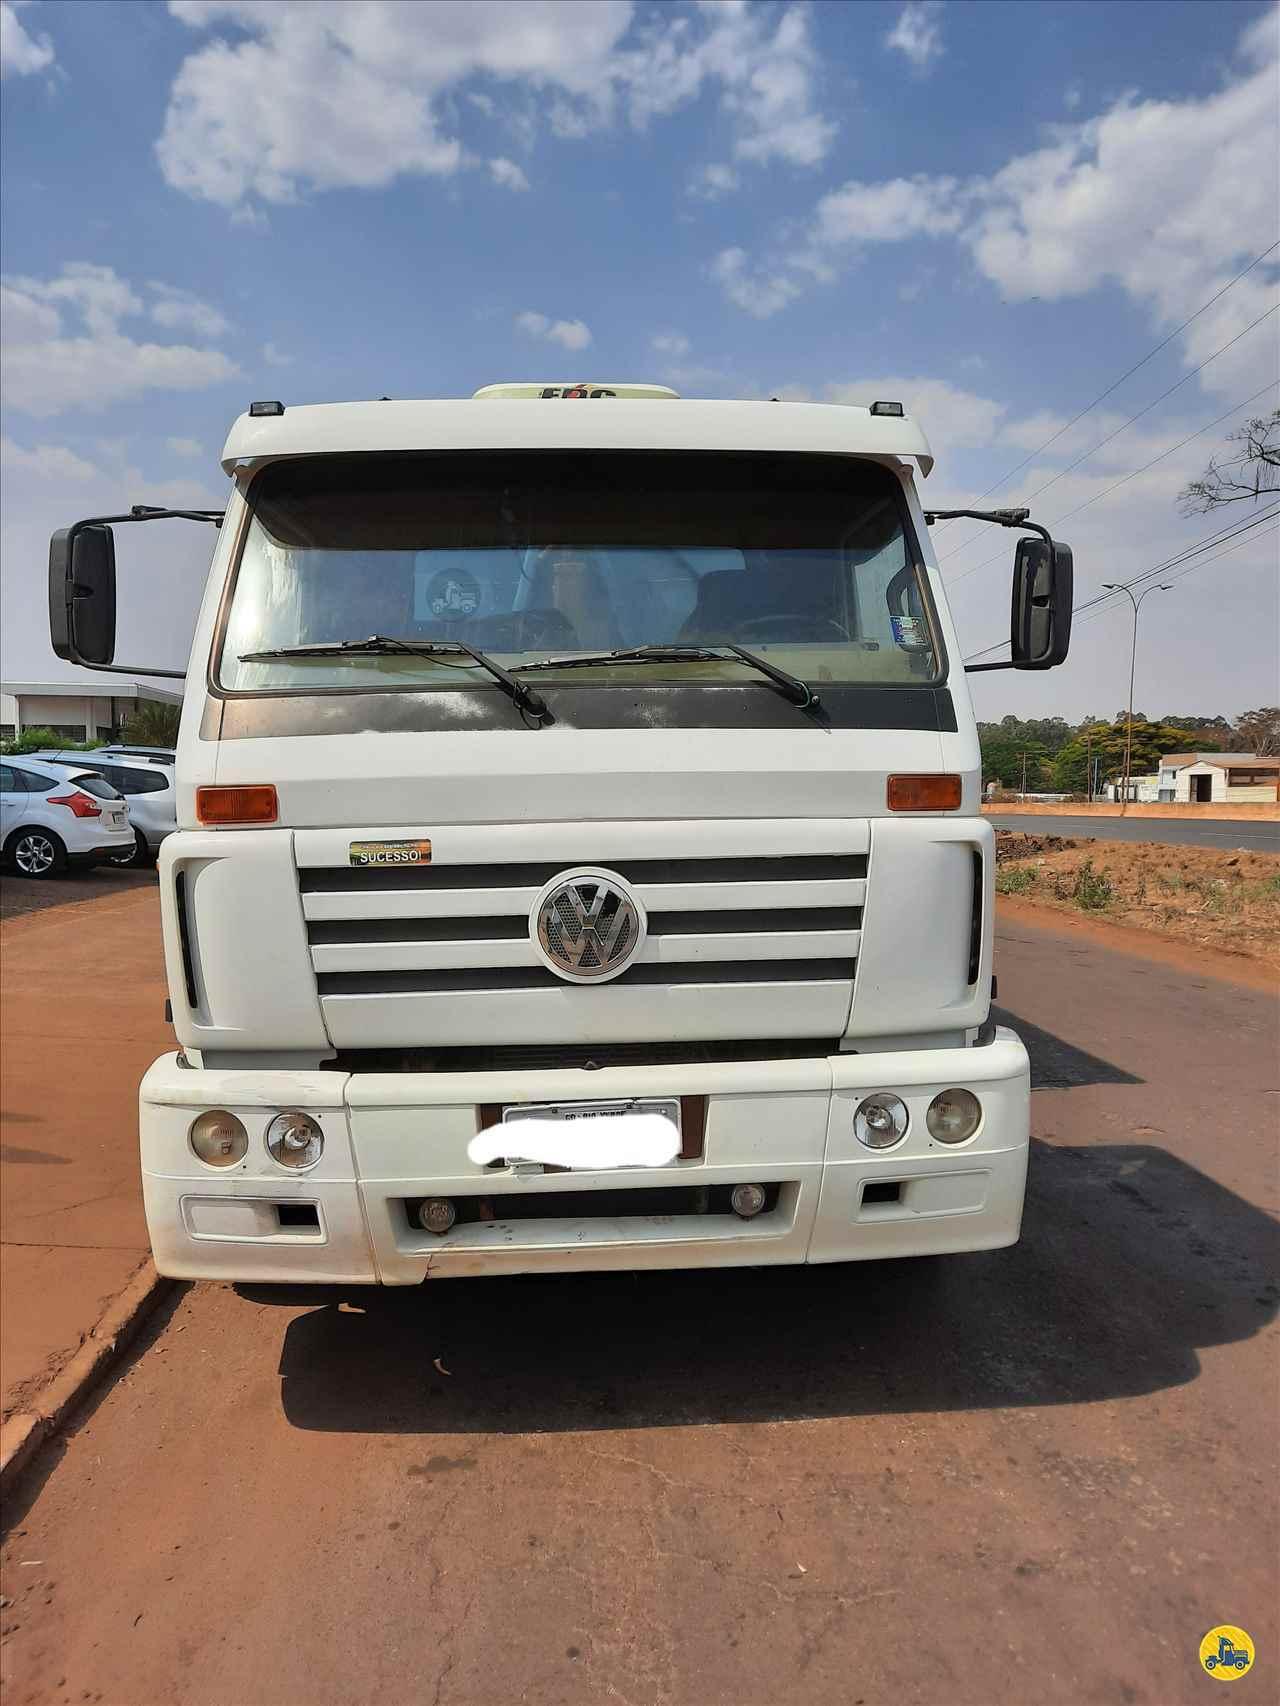 VW 23210 de Porssionatto Caminhões - RIO VERDE/GO